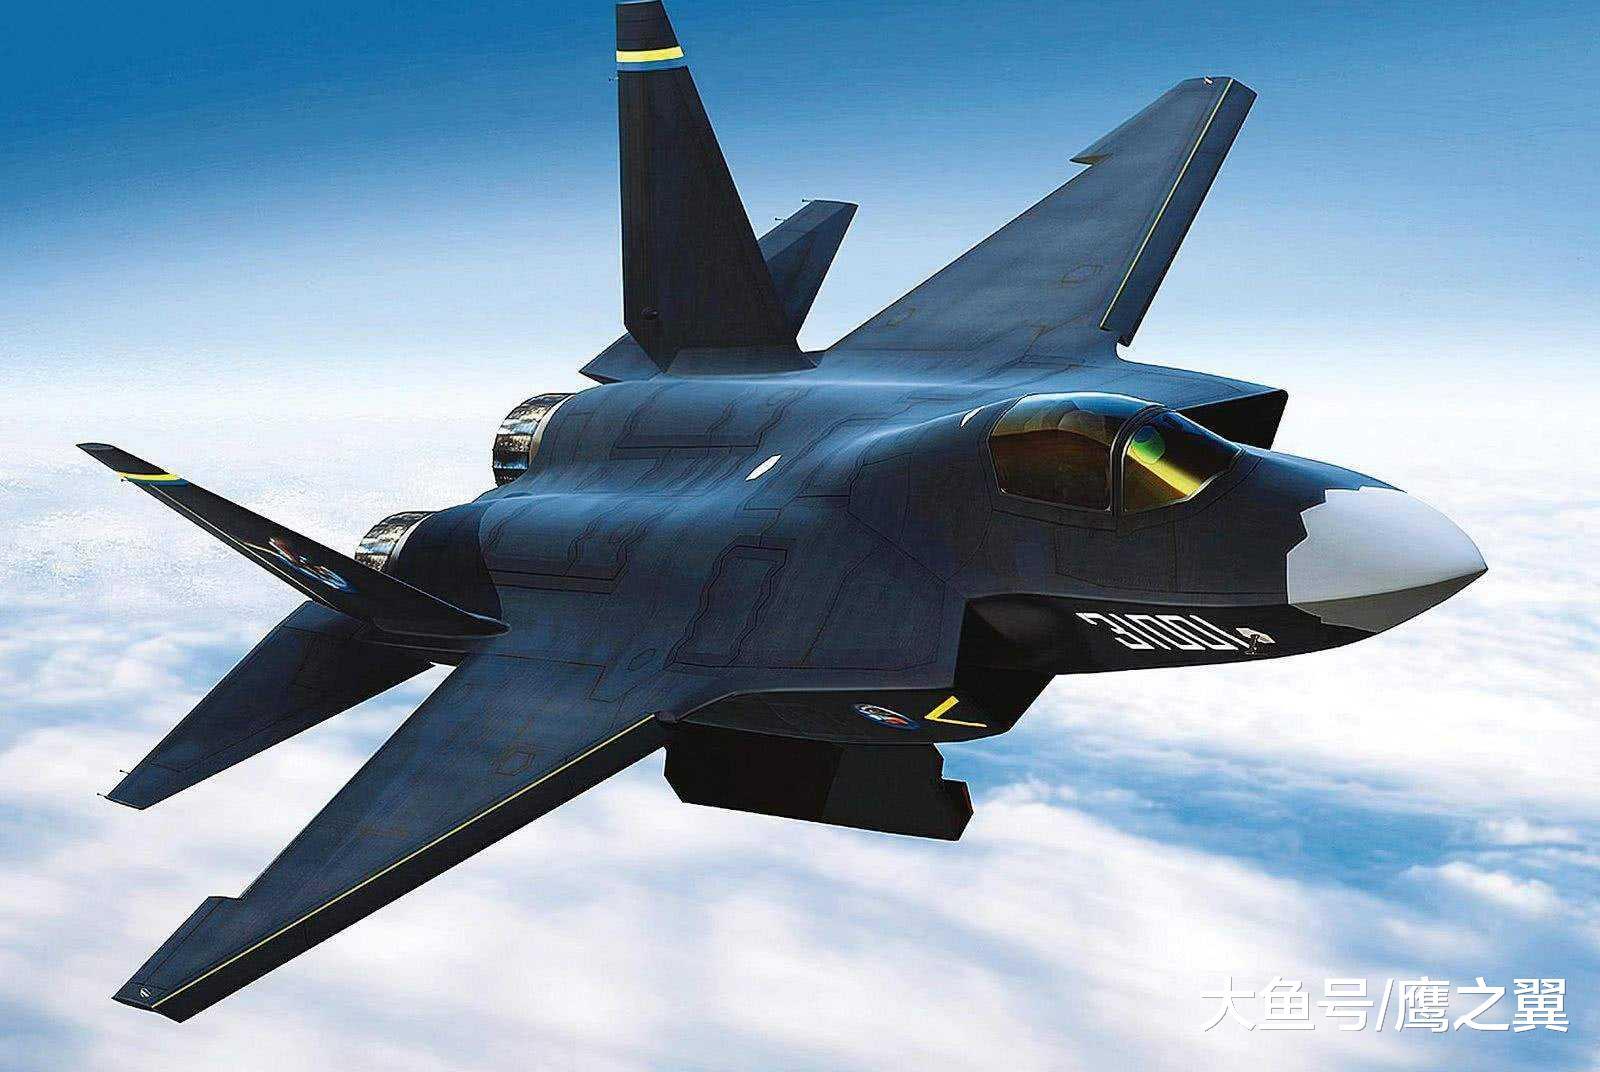 北约给中国战机起绰号, 给歼-20起的绰号, 实在是太坏了